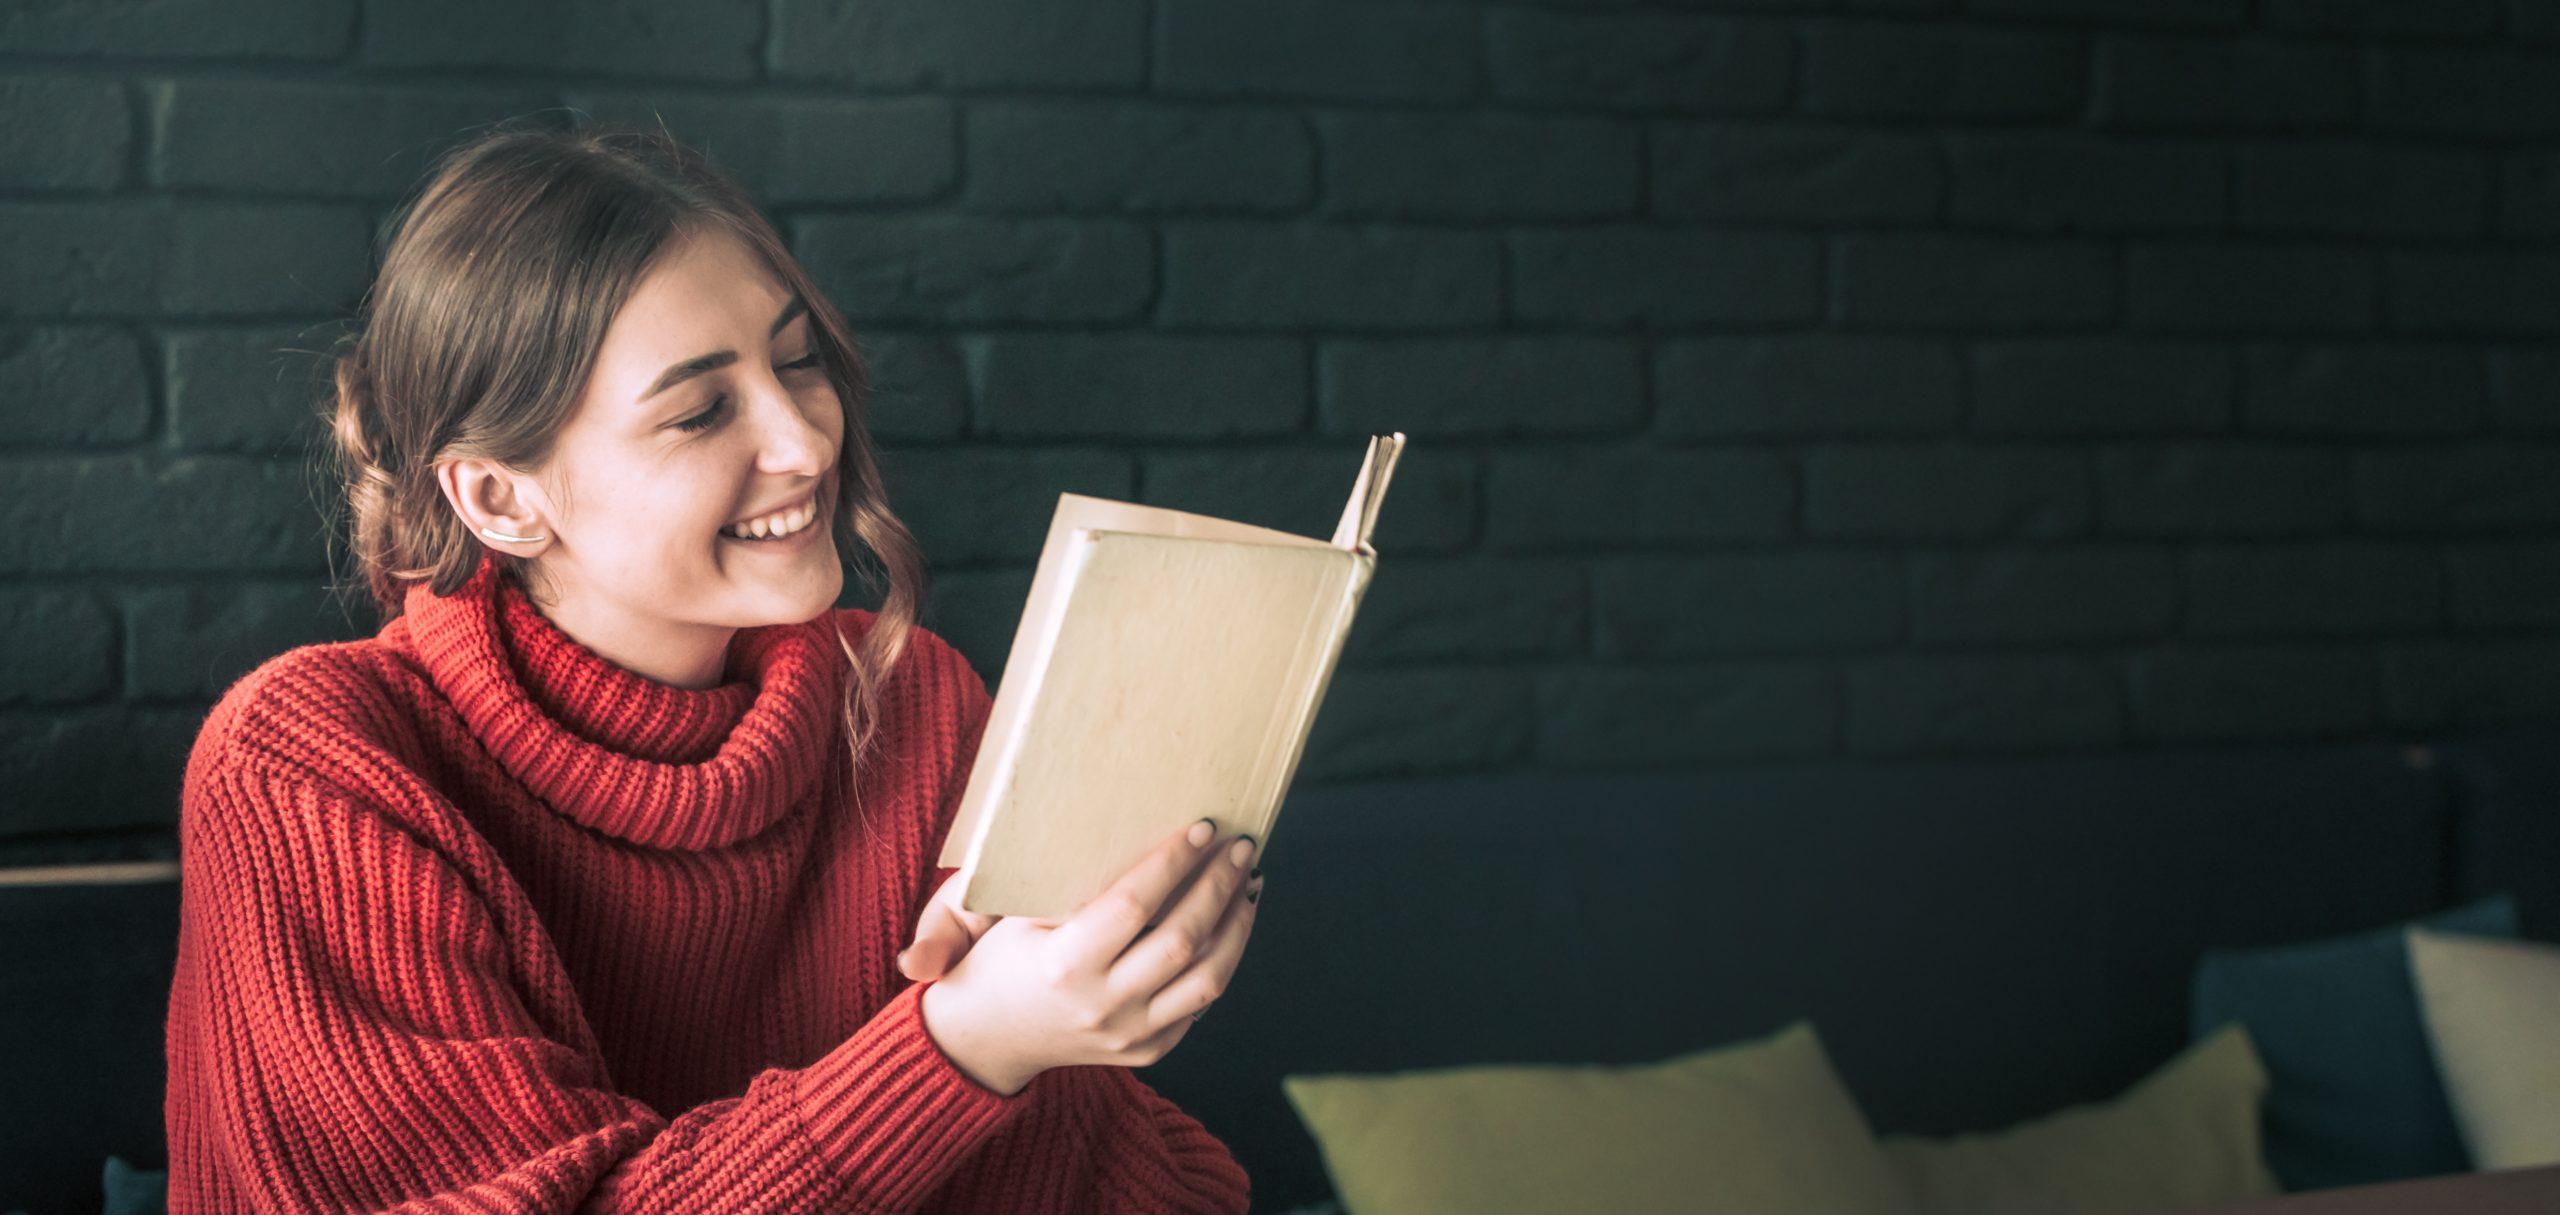 Descubre los numerosos beneficios de leer un rato al día